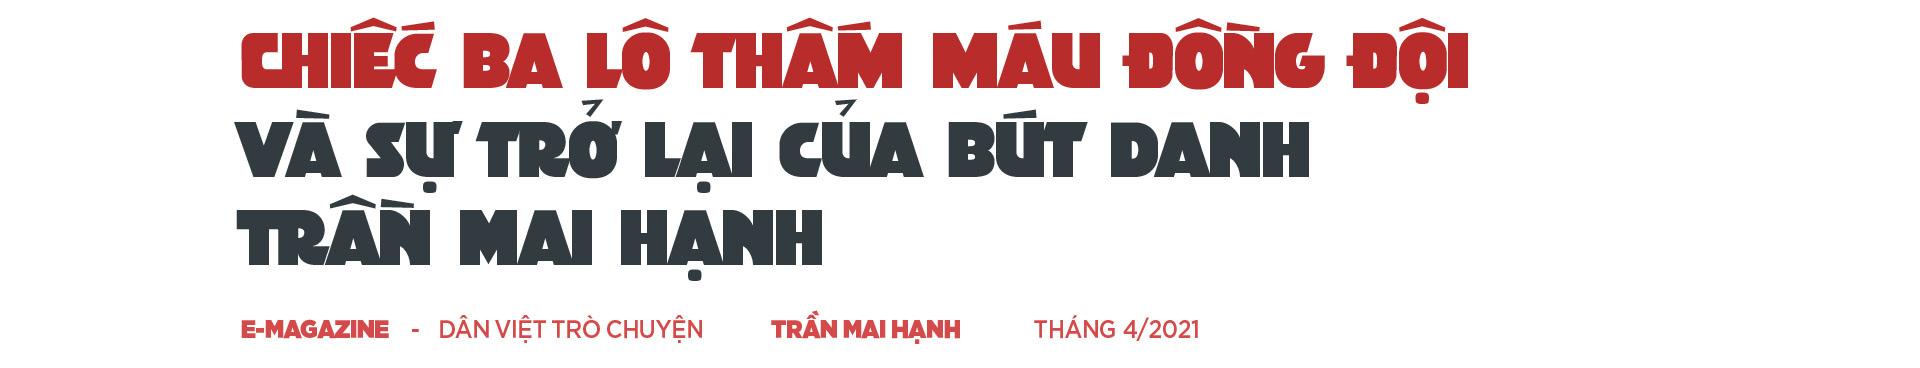 Trần Mai Hạnh: Những tai họa khôn lường và câu chuyện về chiếc ba lô thấm máu đồng đội (Kỳ cuối) - Ảnh 8.